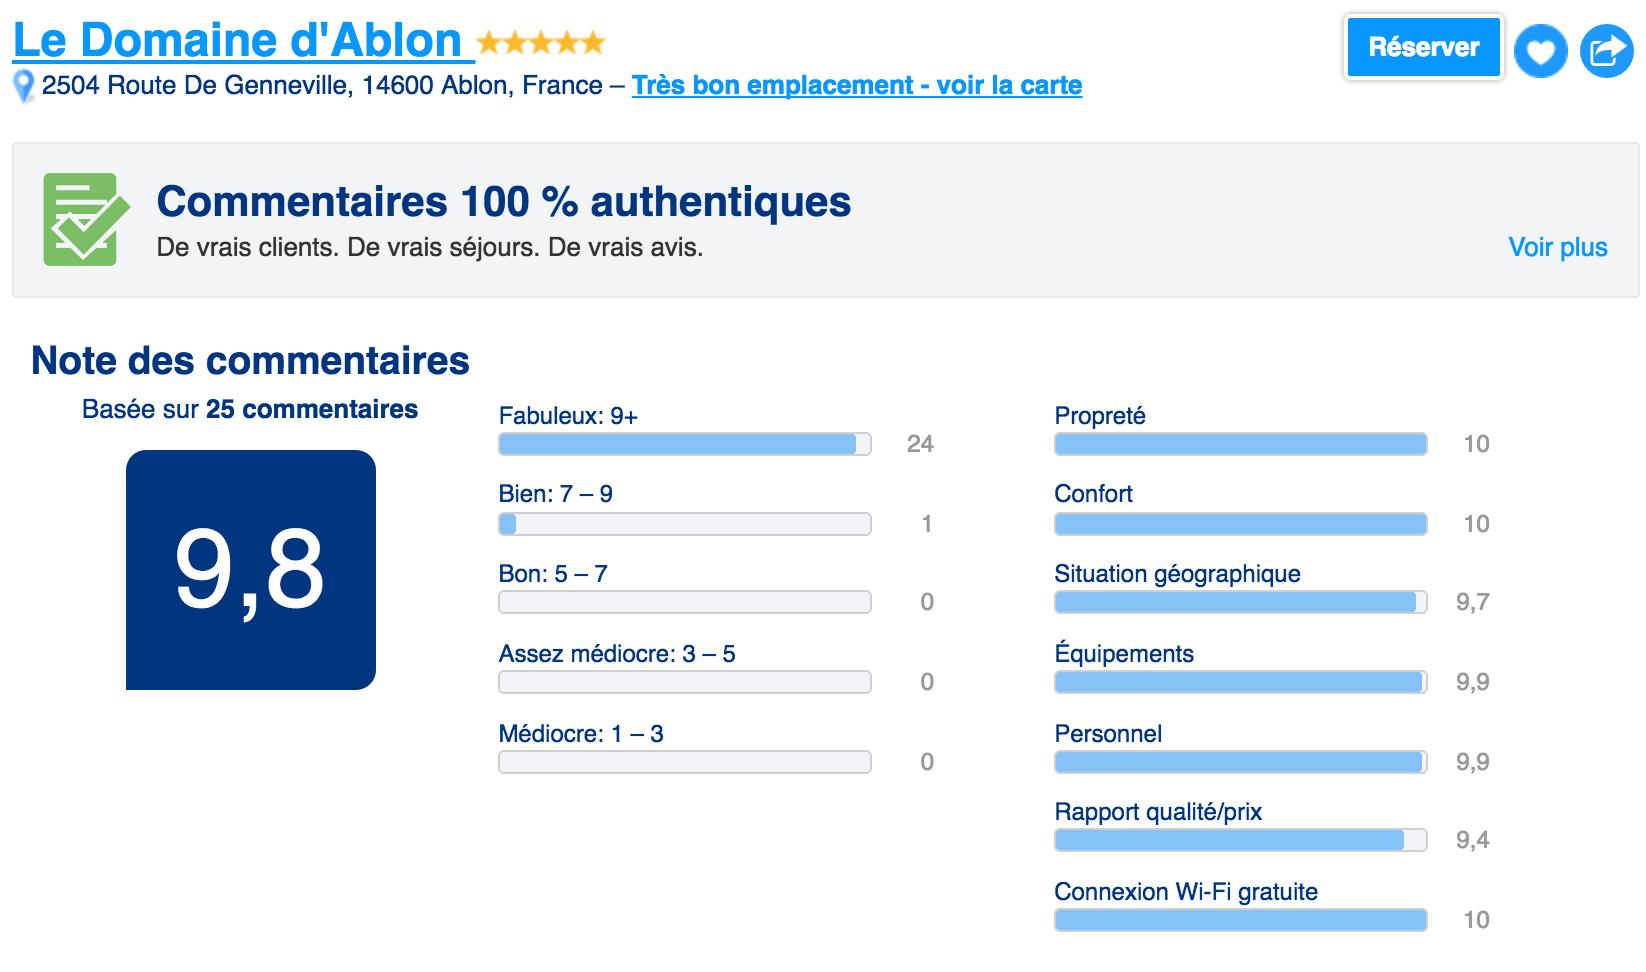 Note booking Domaine d'Ablon